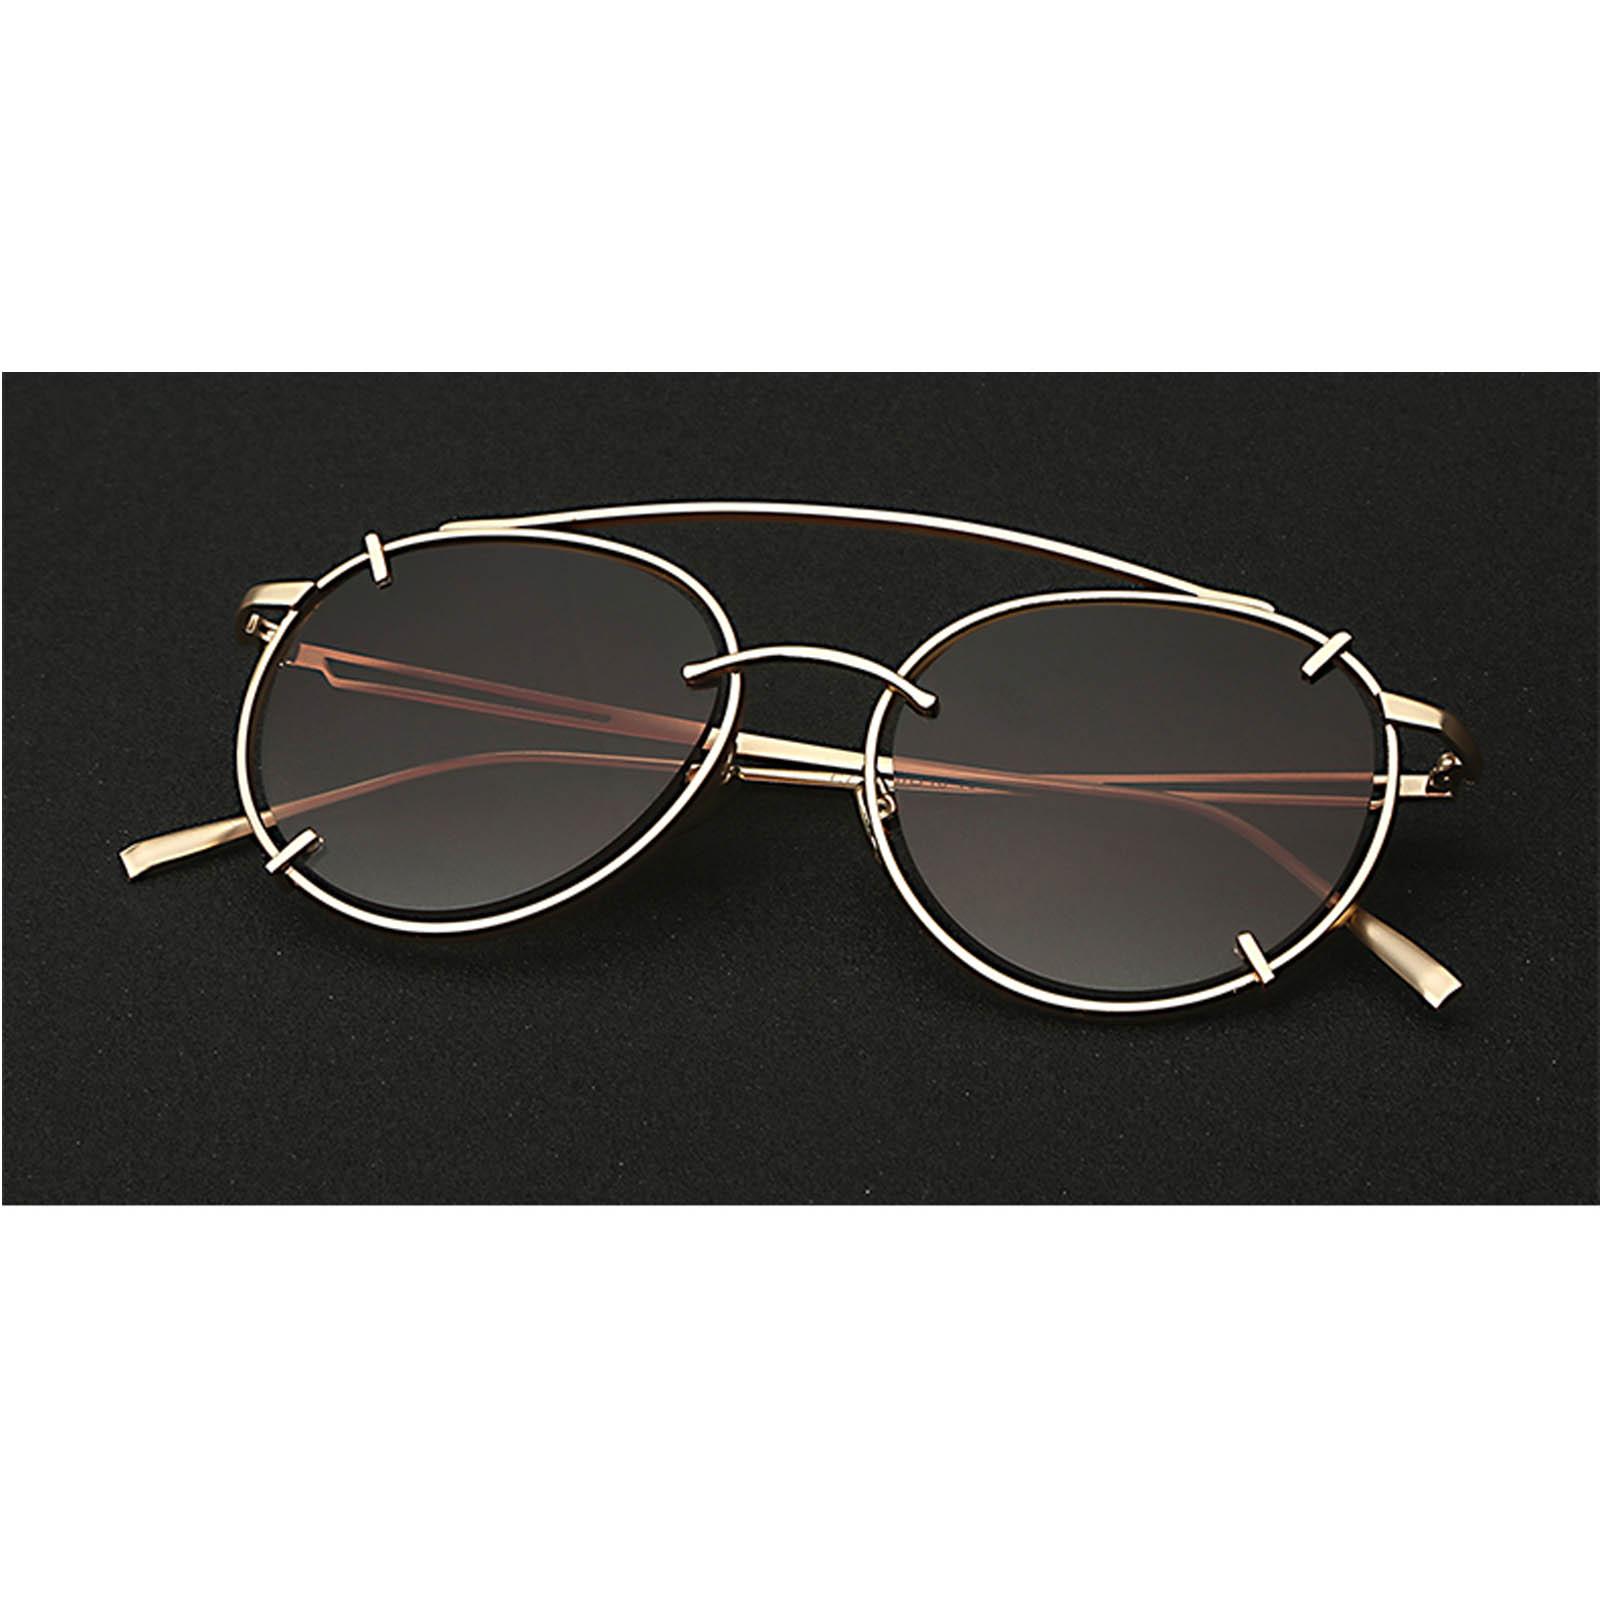 OWL ® 009 C1 Eyewear Sunglasses Women\'s Men\'s Metal Round Circle ...